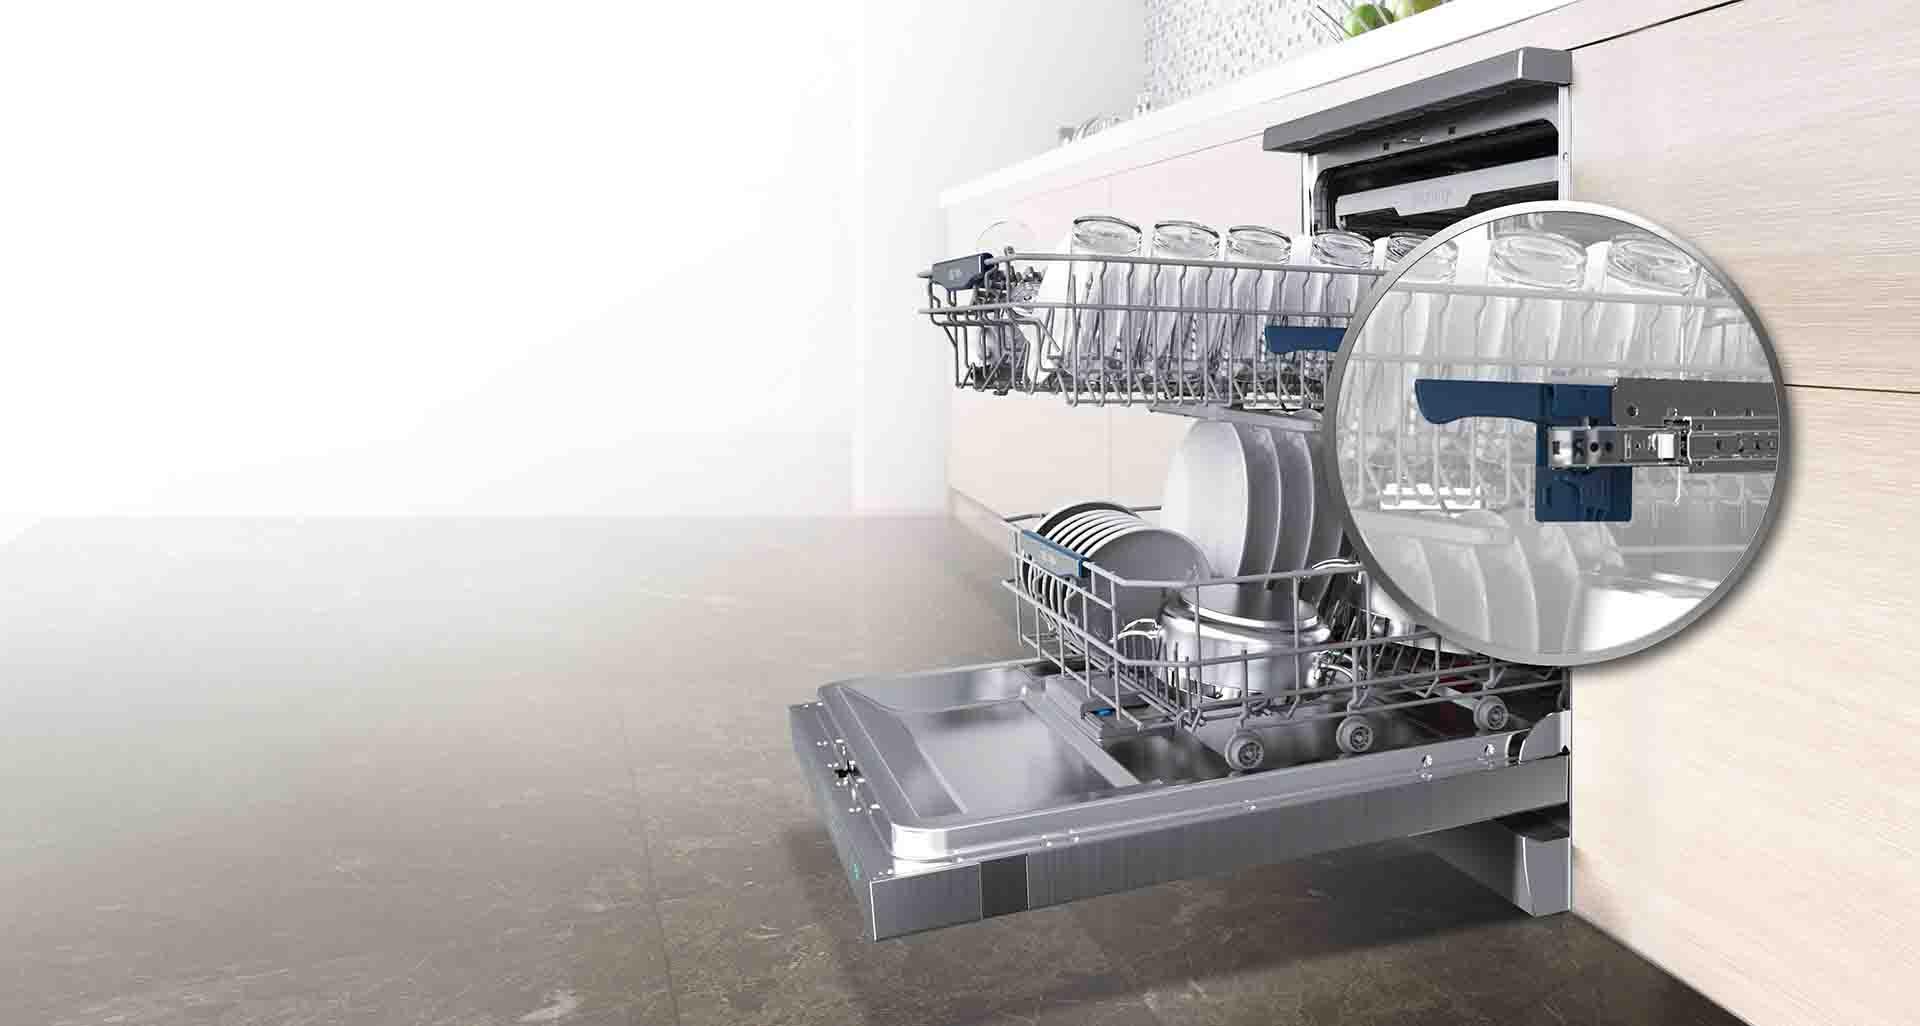 سیوان شاپ بانه ظرفشویی 14 نفره سامسونگ DW60K8550FW